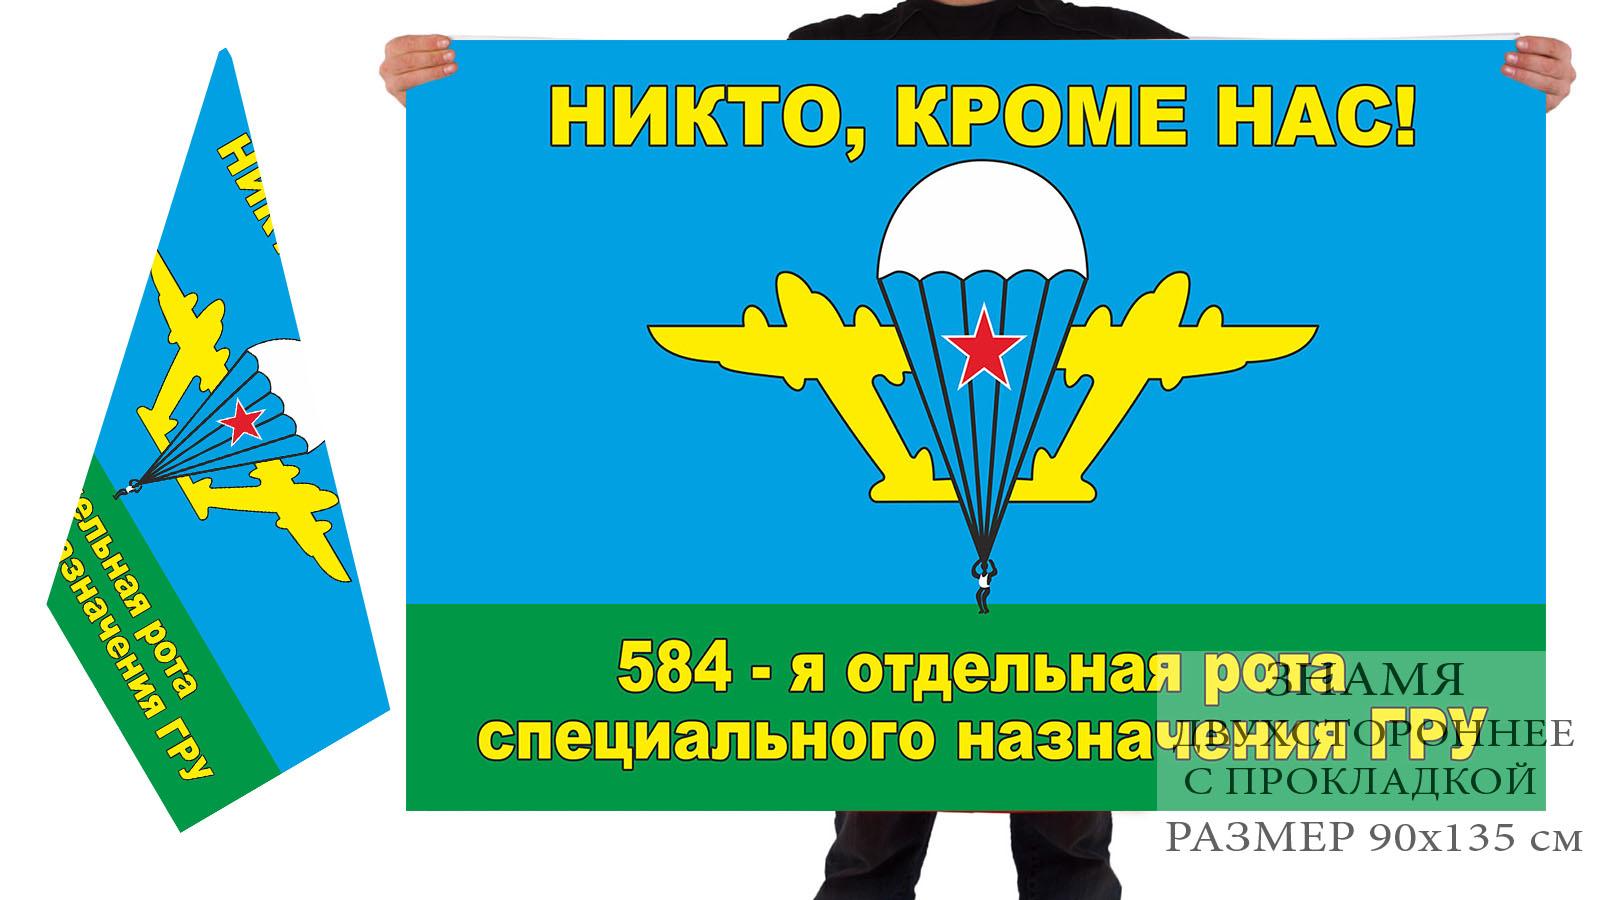 Двусторонний флаг 584 отдельной роты Спецназа ГРУ